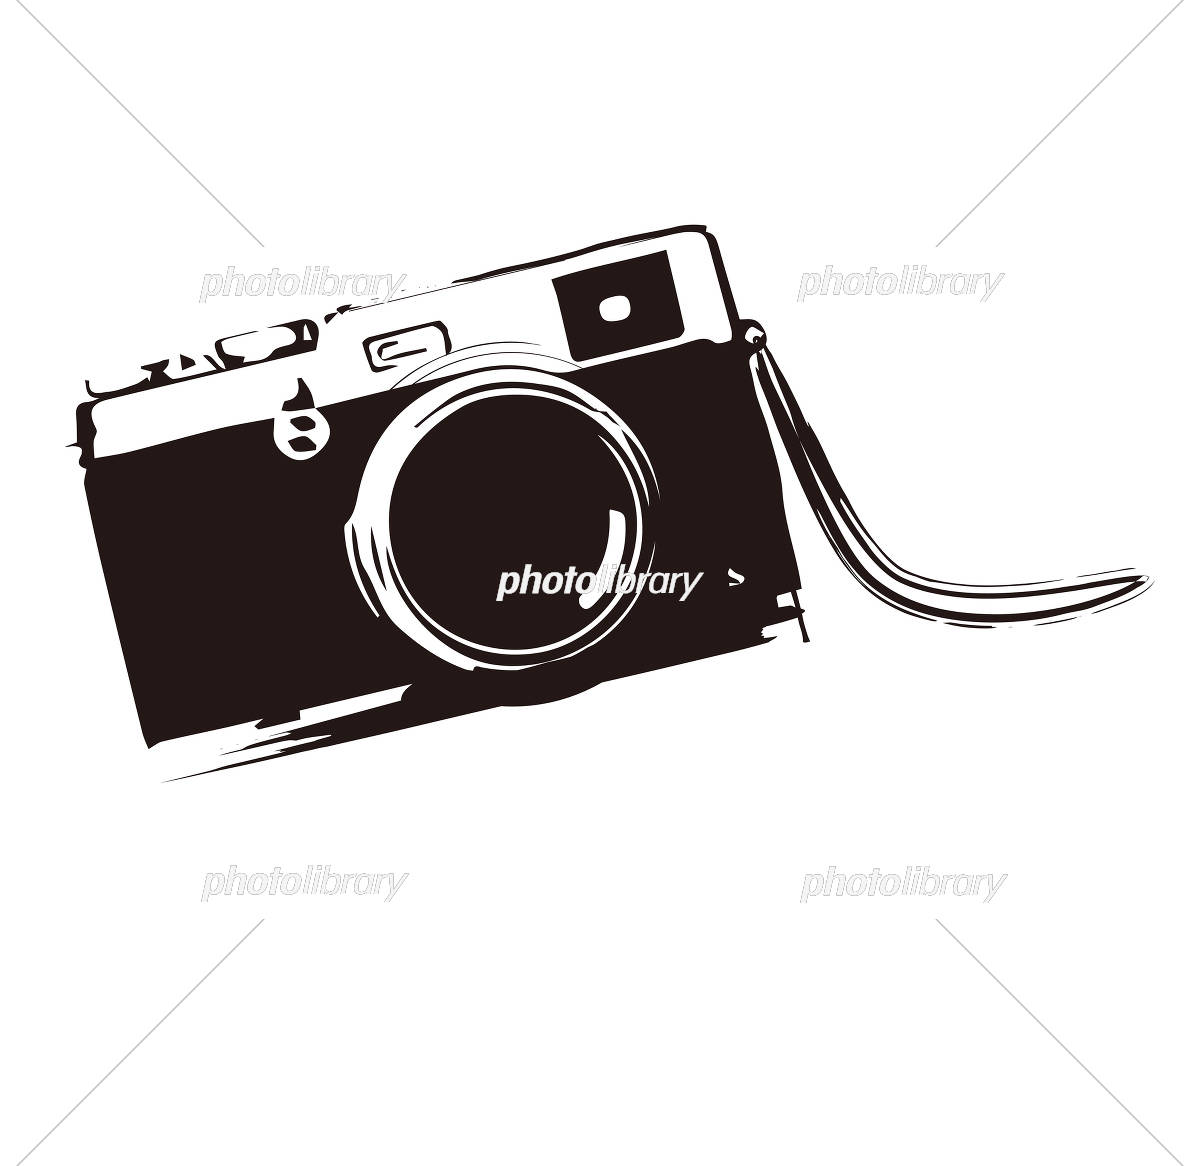 カメラ イラスト素材 5581865 フォトライブラリー Photolibrary